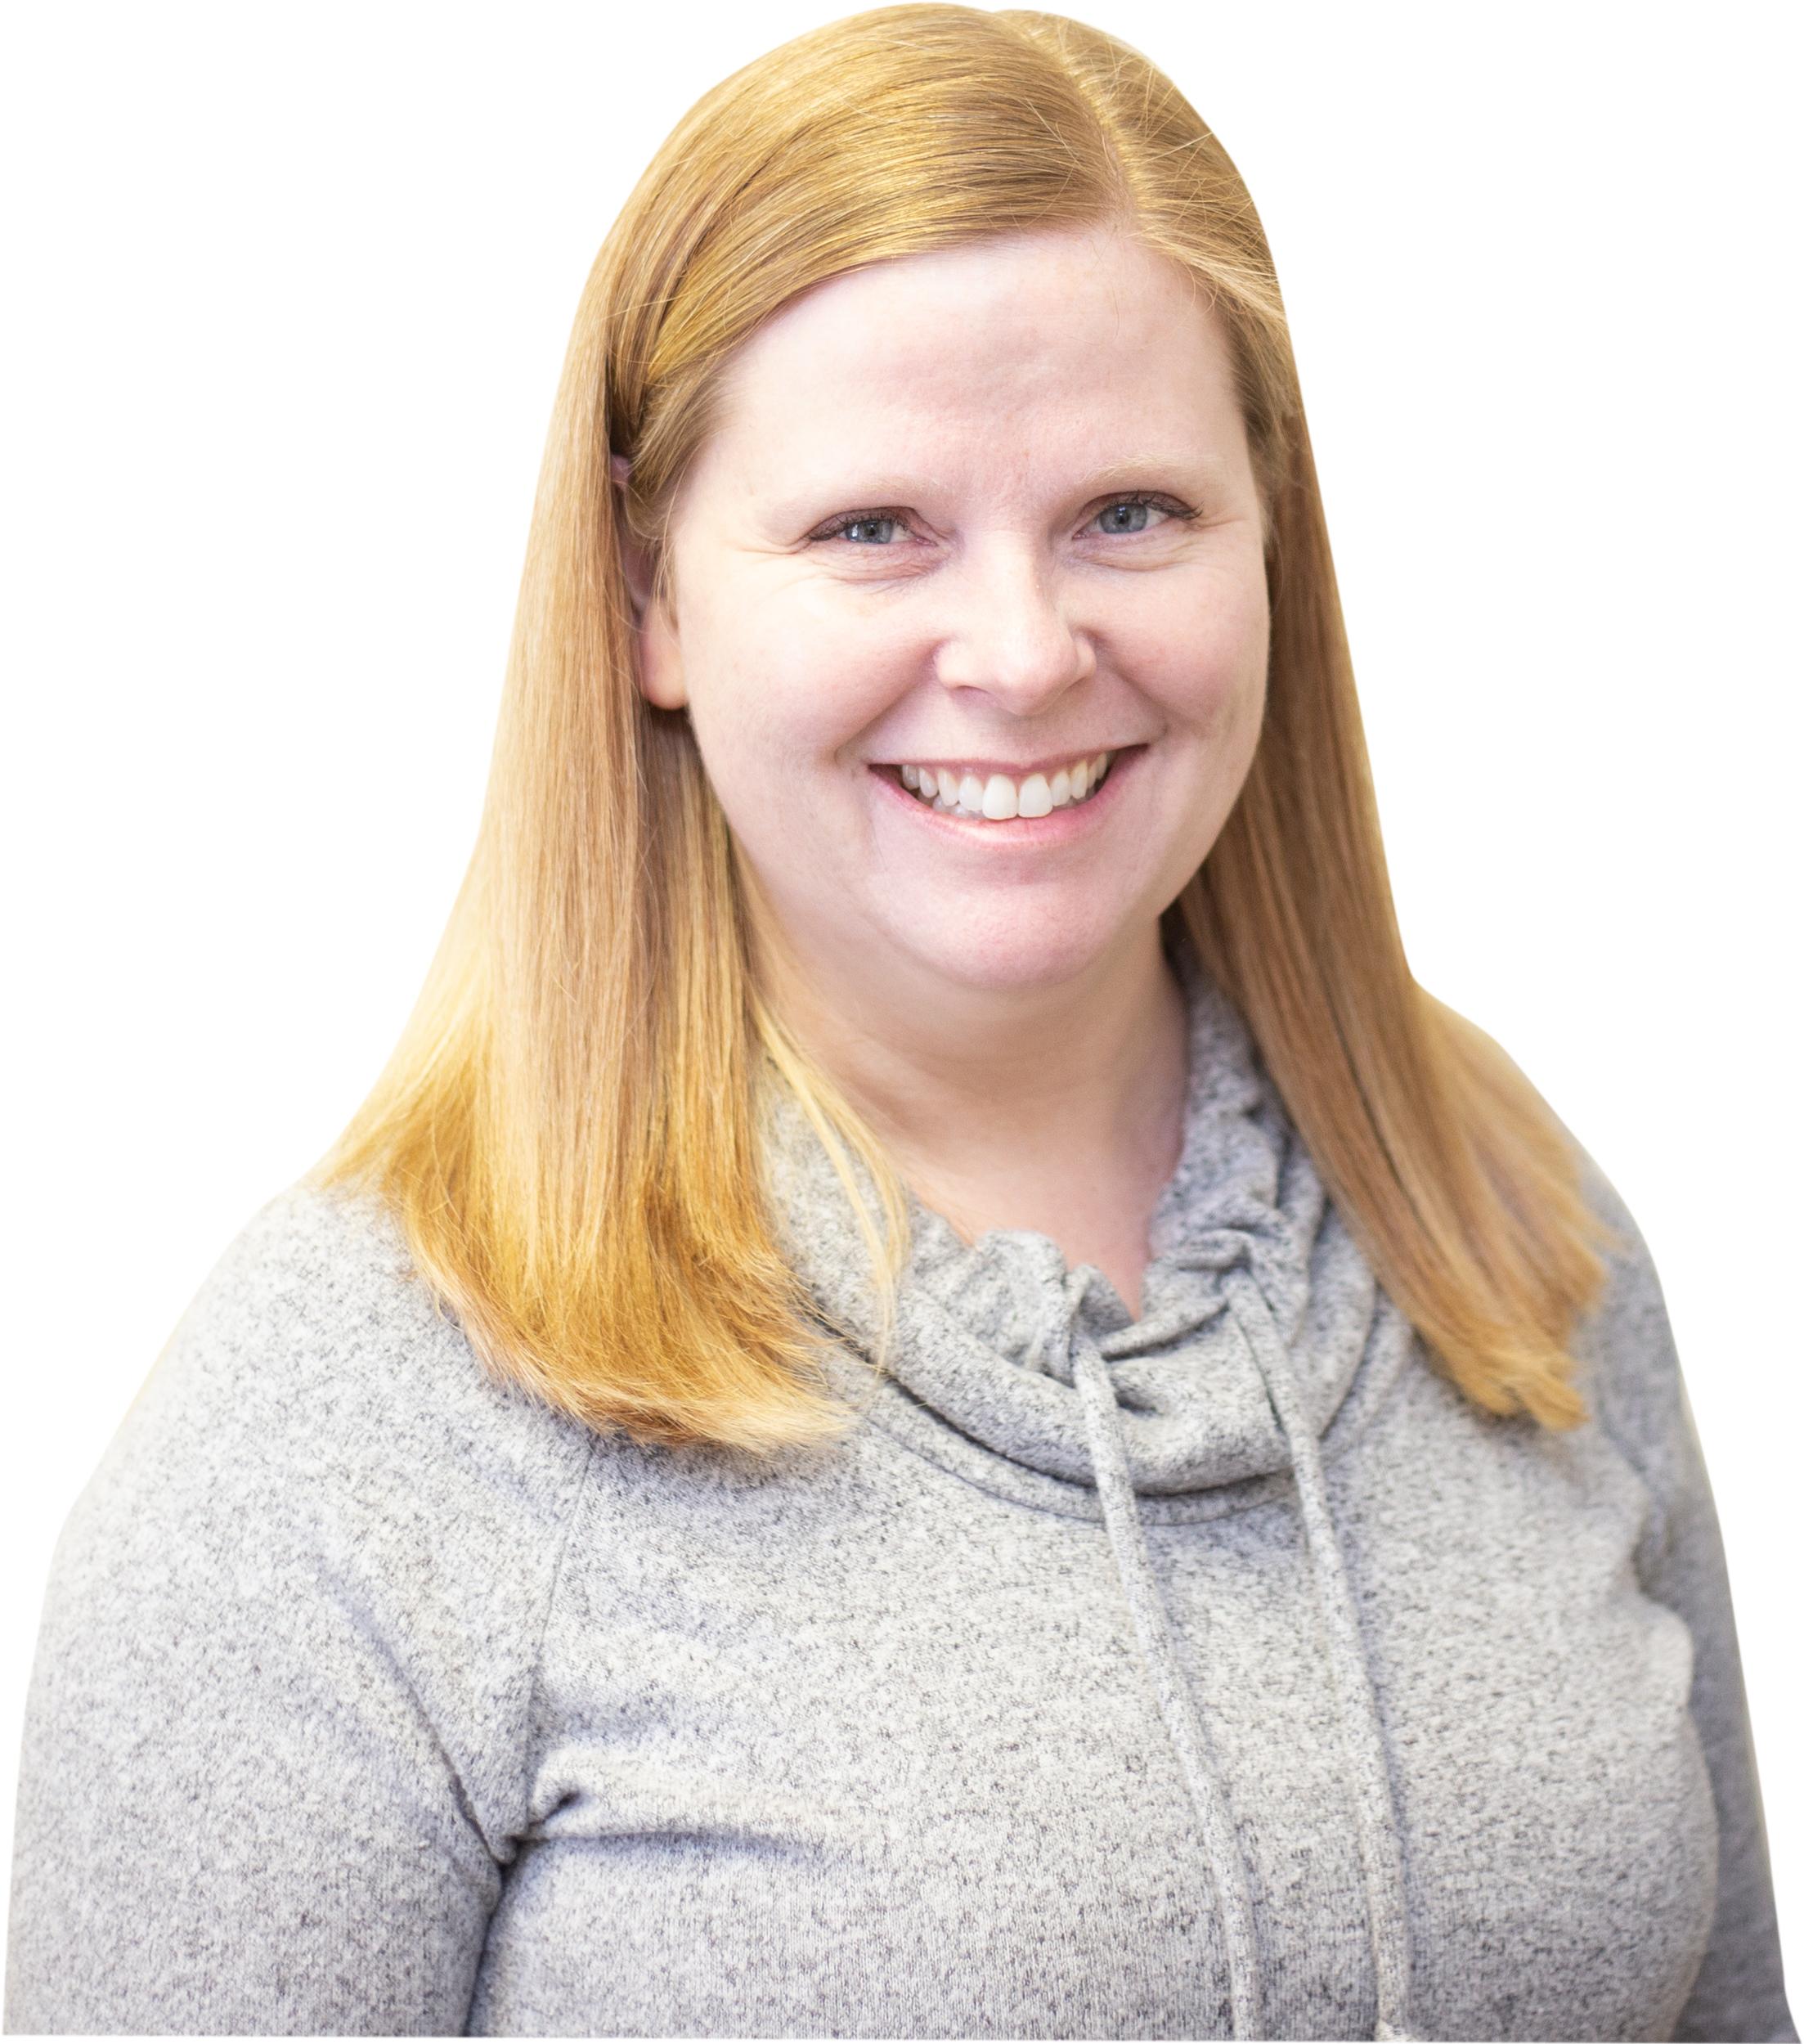 Erin Stephens, CHRL,CRSP  Directeur des RH & des HSE  De par mon rôle, je suis responsable de la supervision du département des ressources humaines. Je considère qu'une grande partie de mon rôle est d'habiliter l'équipe des ressources humaines à supporter le POURQUOI de DC en recrutant les meilleurs talents, en créant et en implantant des programmes stratégiques, tout en demeurant amusants, qui soutiennent la connexion et la cohésion entre employés. Je vise à créer une culture inclusive où le personnel se sent valorisé, sécurisé et qu'il a des opportunités d'apprentissage pour se développer et pour un avancement professionnel. Sur une note personnelle, j'ai deux filles, dont une qui est au collège pour devenir une paramédique, et une autre qui entrera à l'université dans un an en espérant devenir avocate. Nous passons beaucoup de notre temps à l'extérieur, que ce soit en courant ensemble ou en effectuant des randonnées avec notre chien. J'aime également la lecture…je suis un peu un accro aux livres.